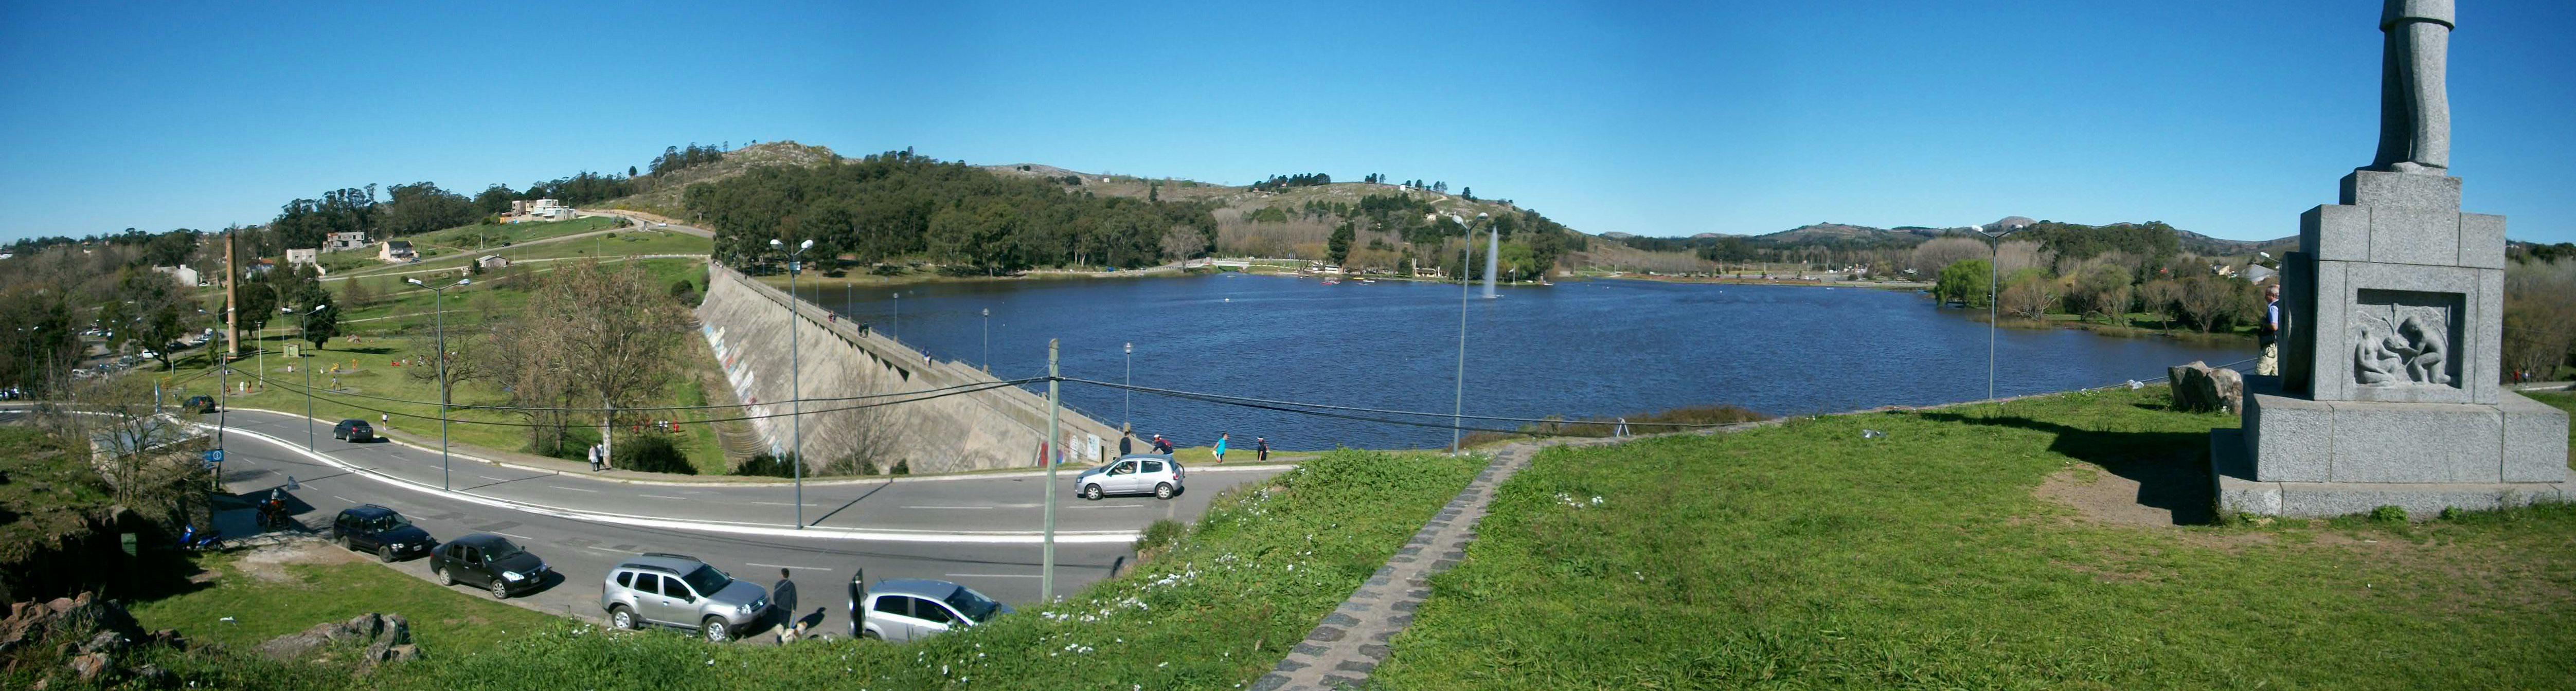 tandil panoramica lago del fuerte